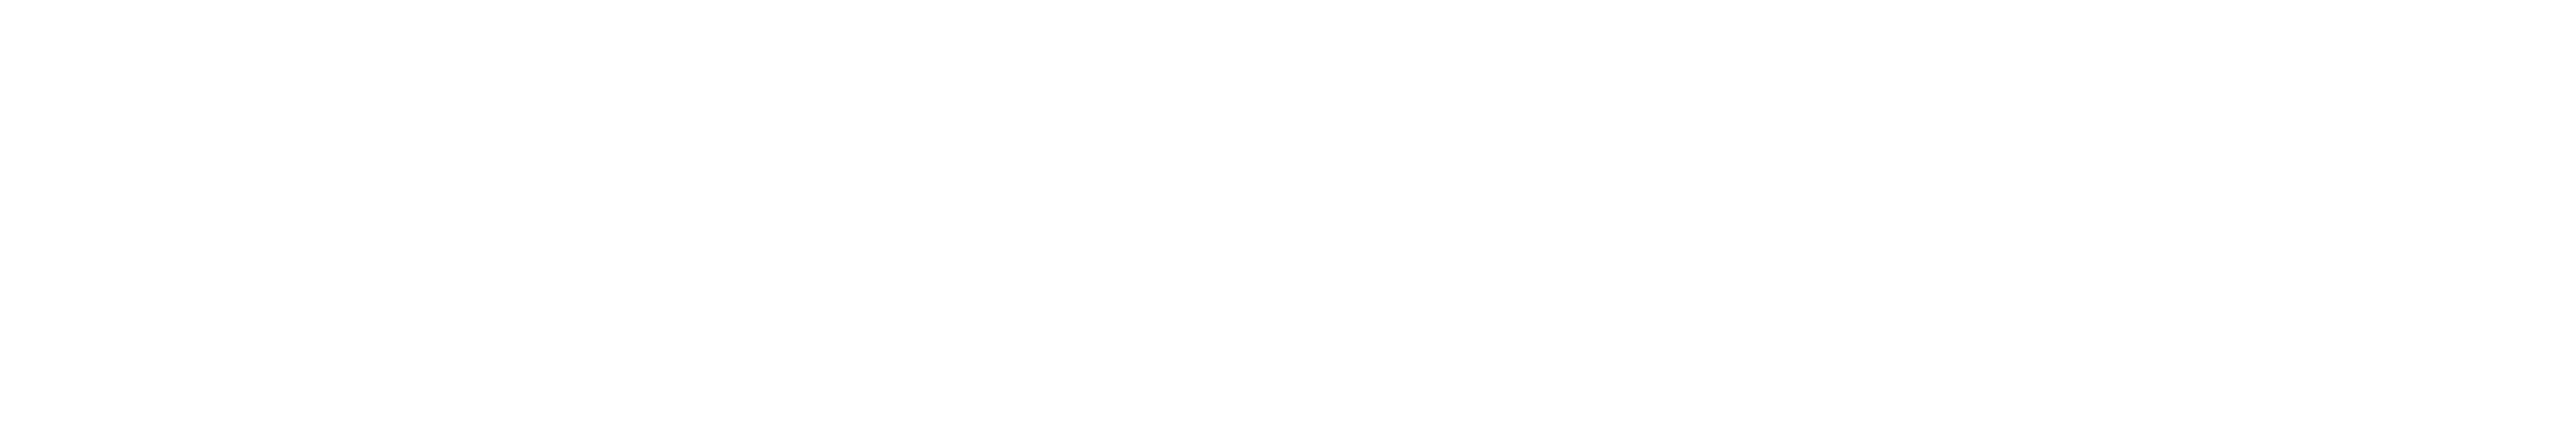 Geniway Digital Agency